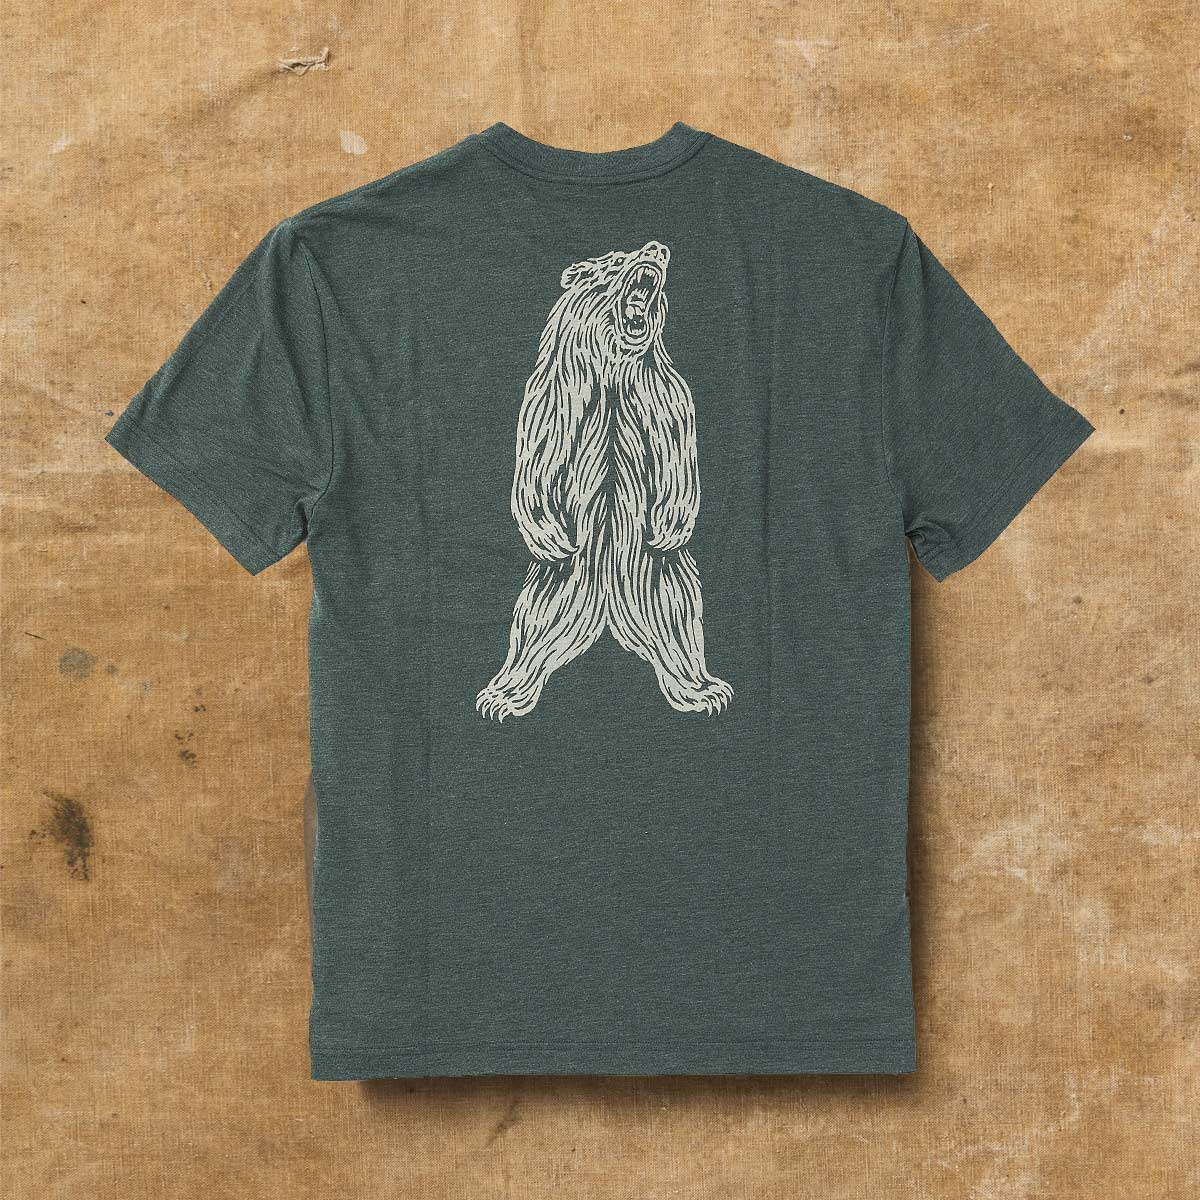 Filson Buckshot T-Shirt Forest Green Heather,, high performance T-shirt mit Sonnenschutz UPF 50+